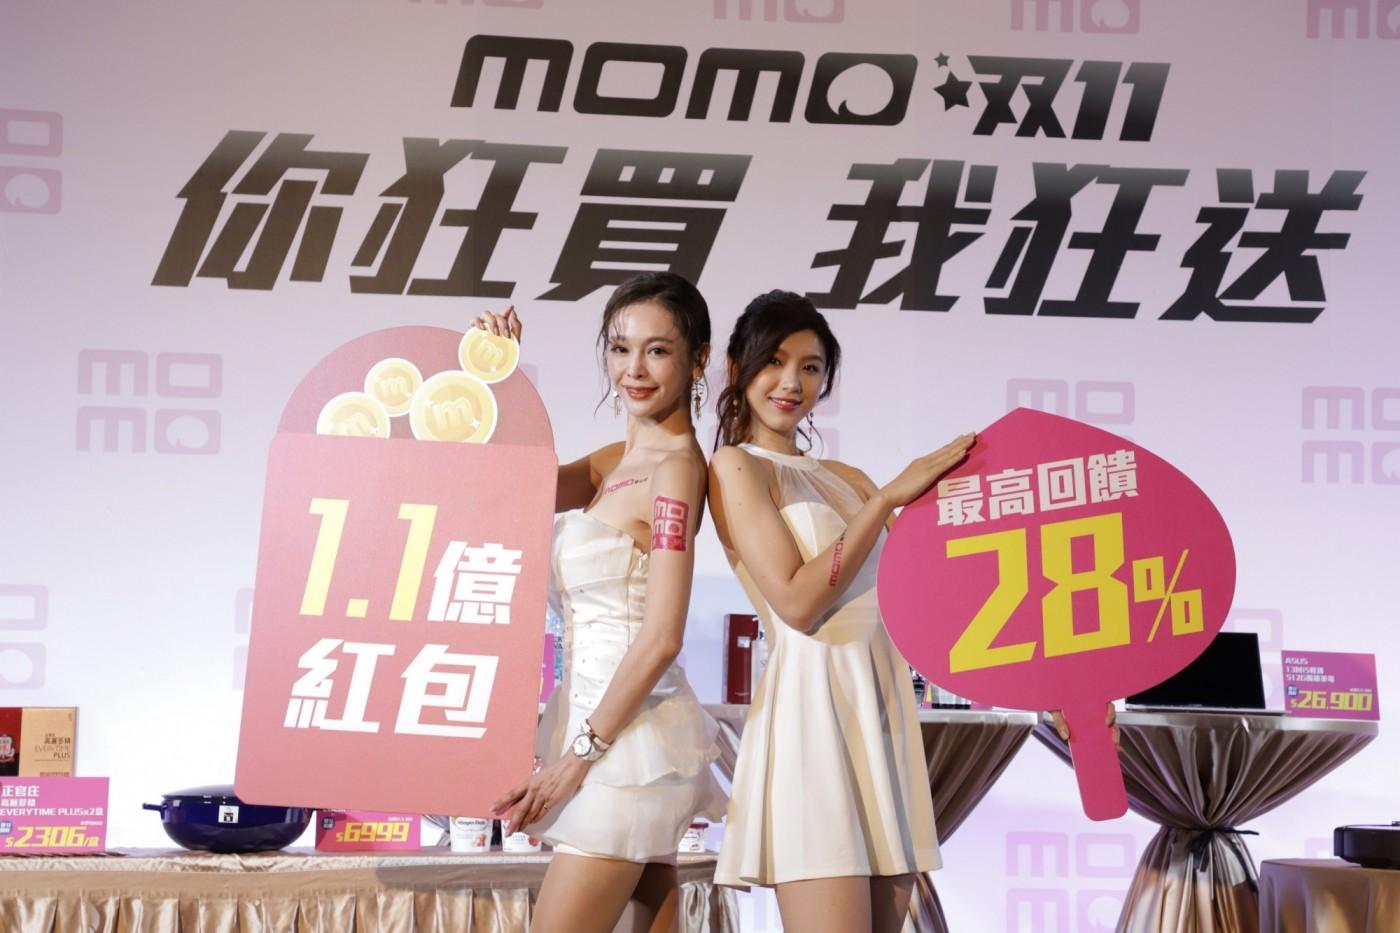 揮別電商雙11大當機夢魘,momo今年做了哪些準備拚業績、流量都翻倍?